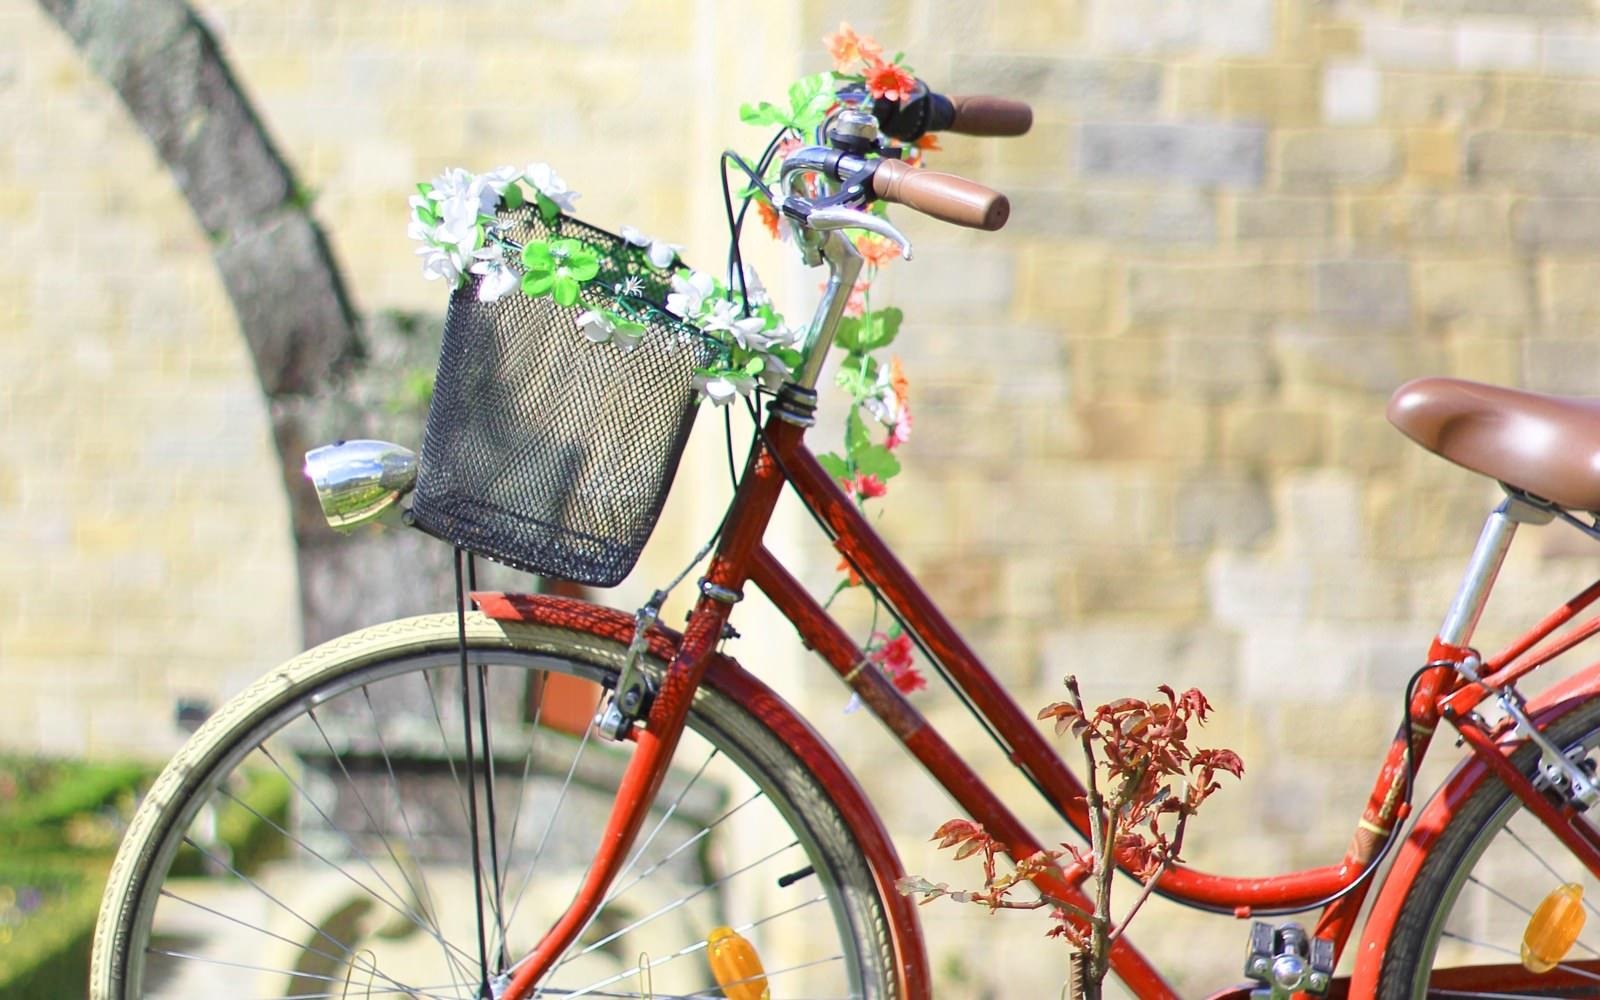 IV Braga Cycle Chic